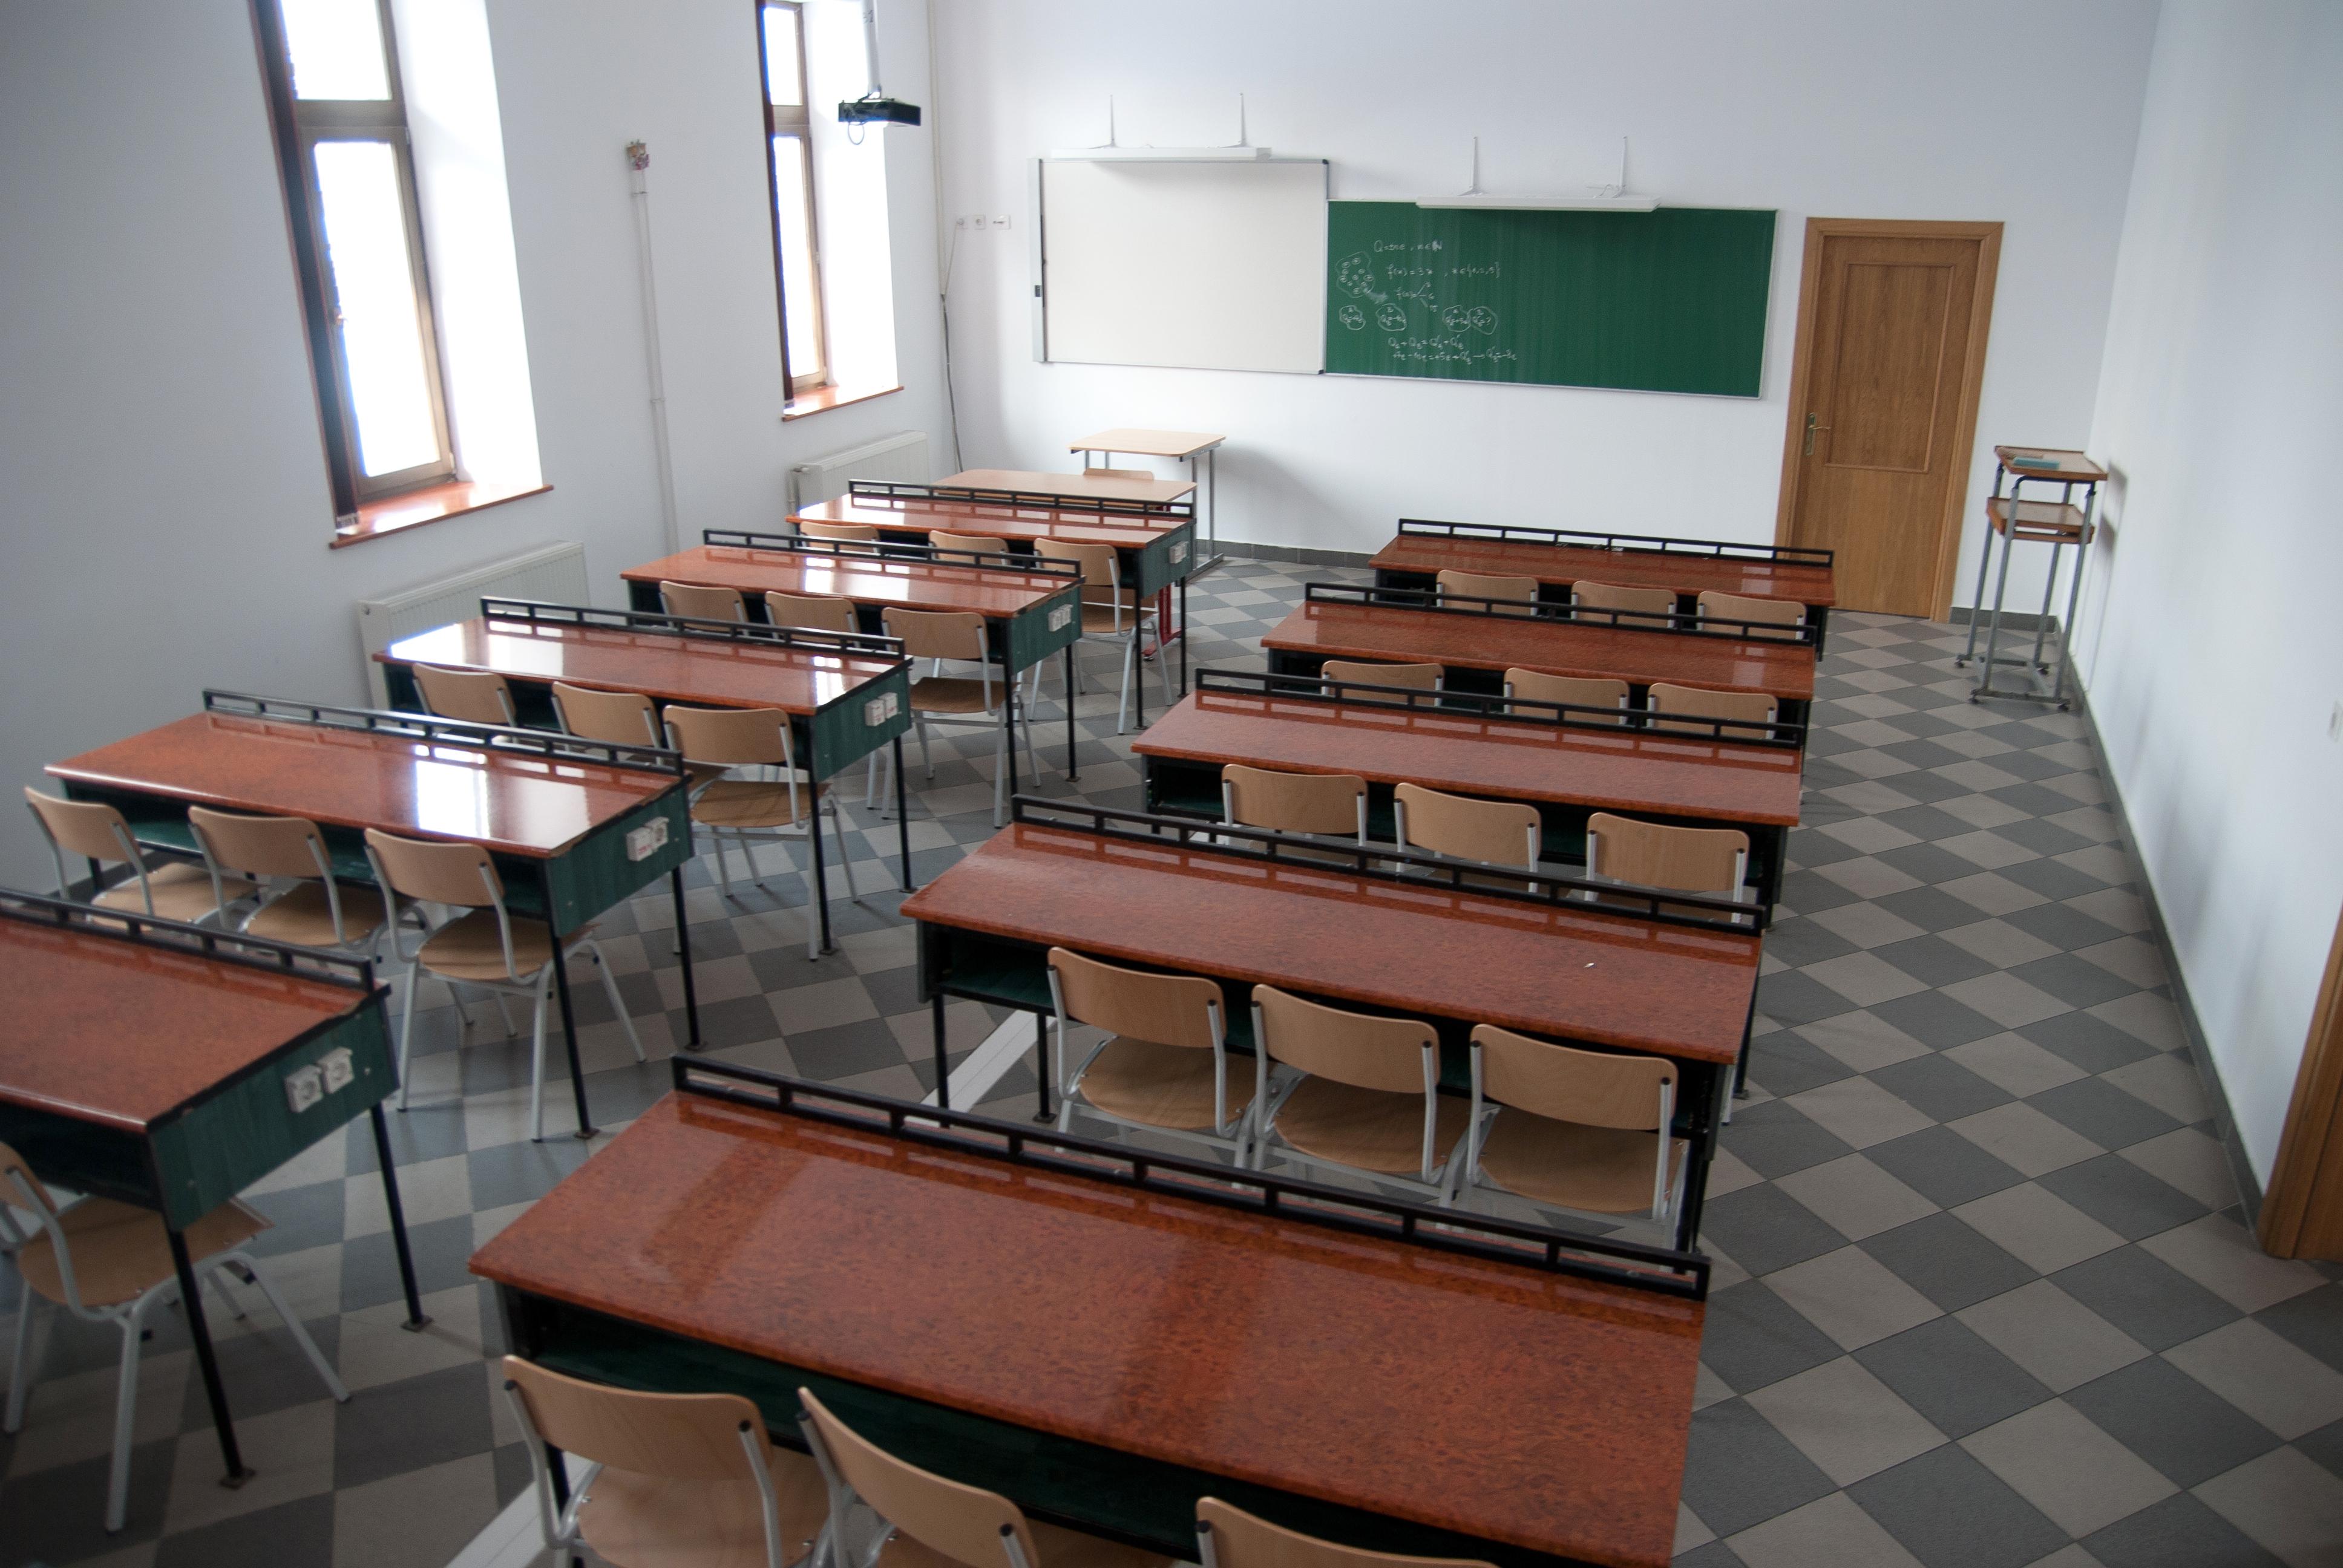 ÎNCHIDEREA şcolilor până pe 21 aprilie. Propunere din partea Grupului condus de Raed Arafat / Ce răspunde Ludovic Orban